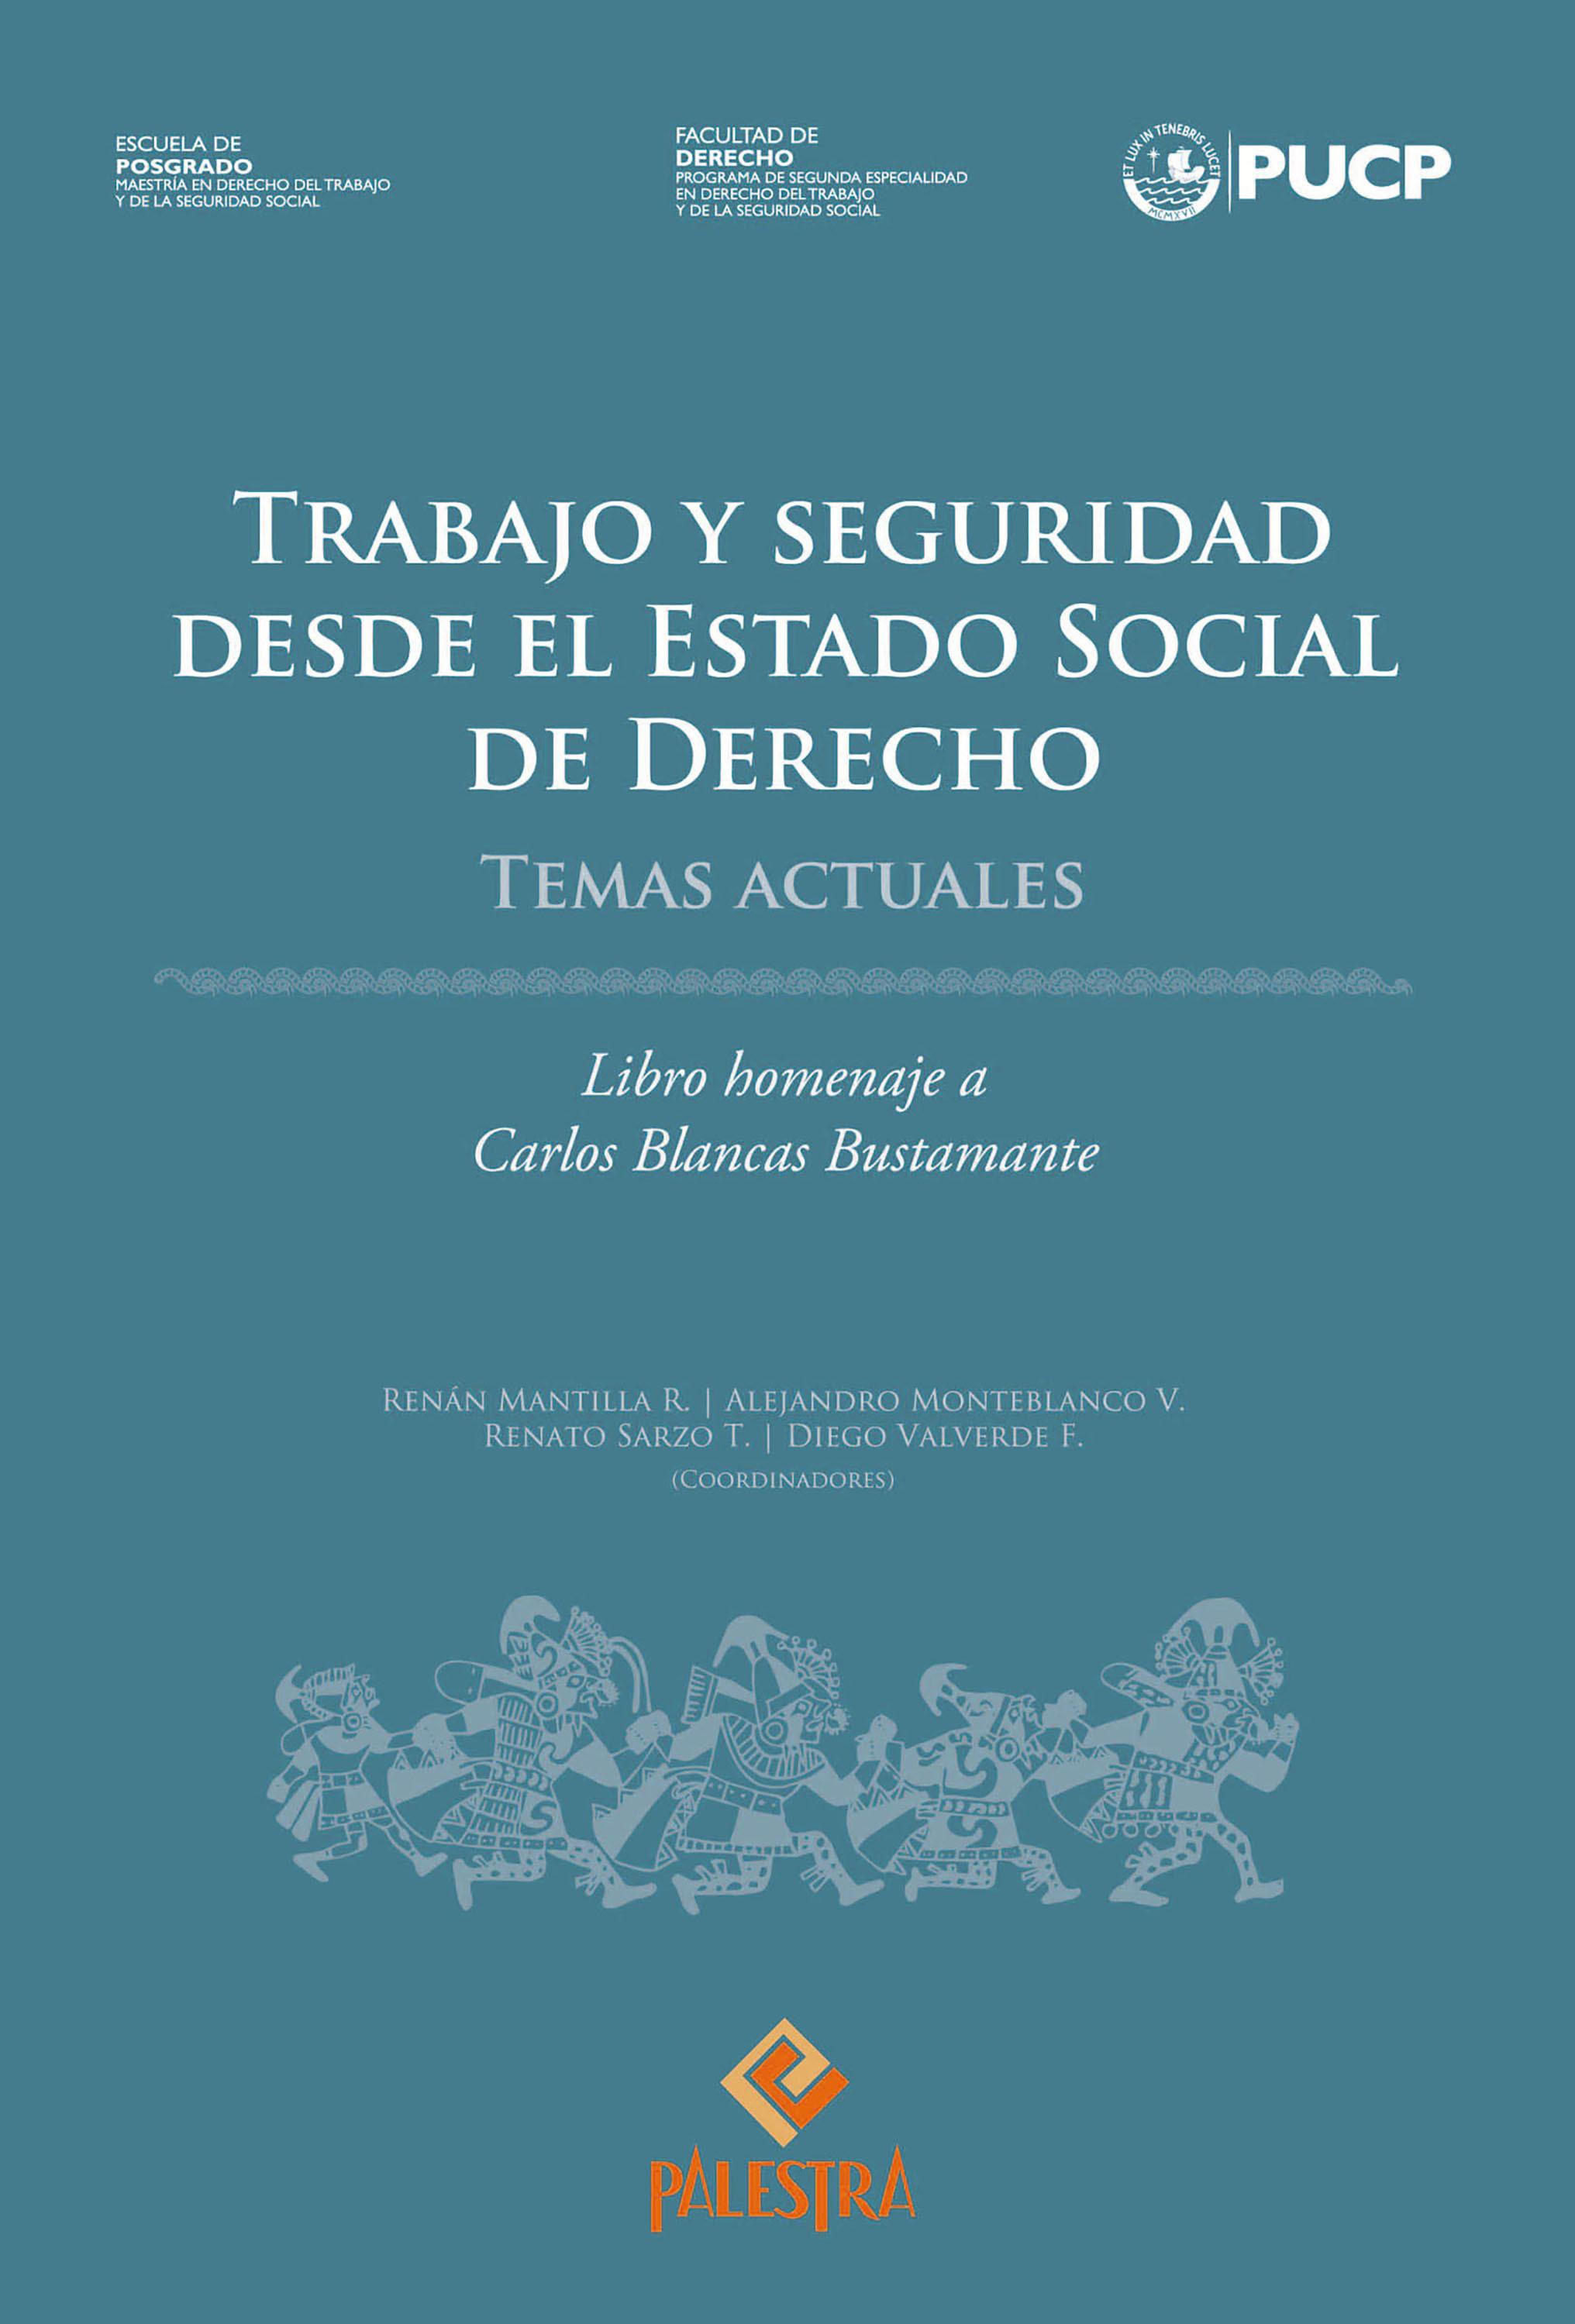 Trabajo y seguridad desde el Estado Social de Derecho